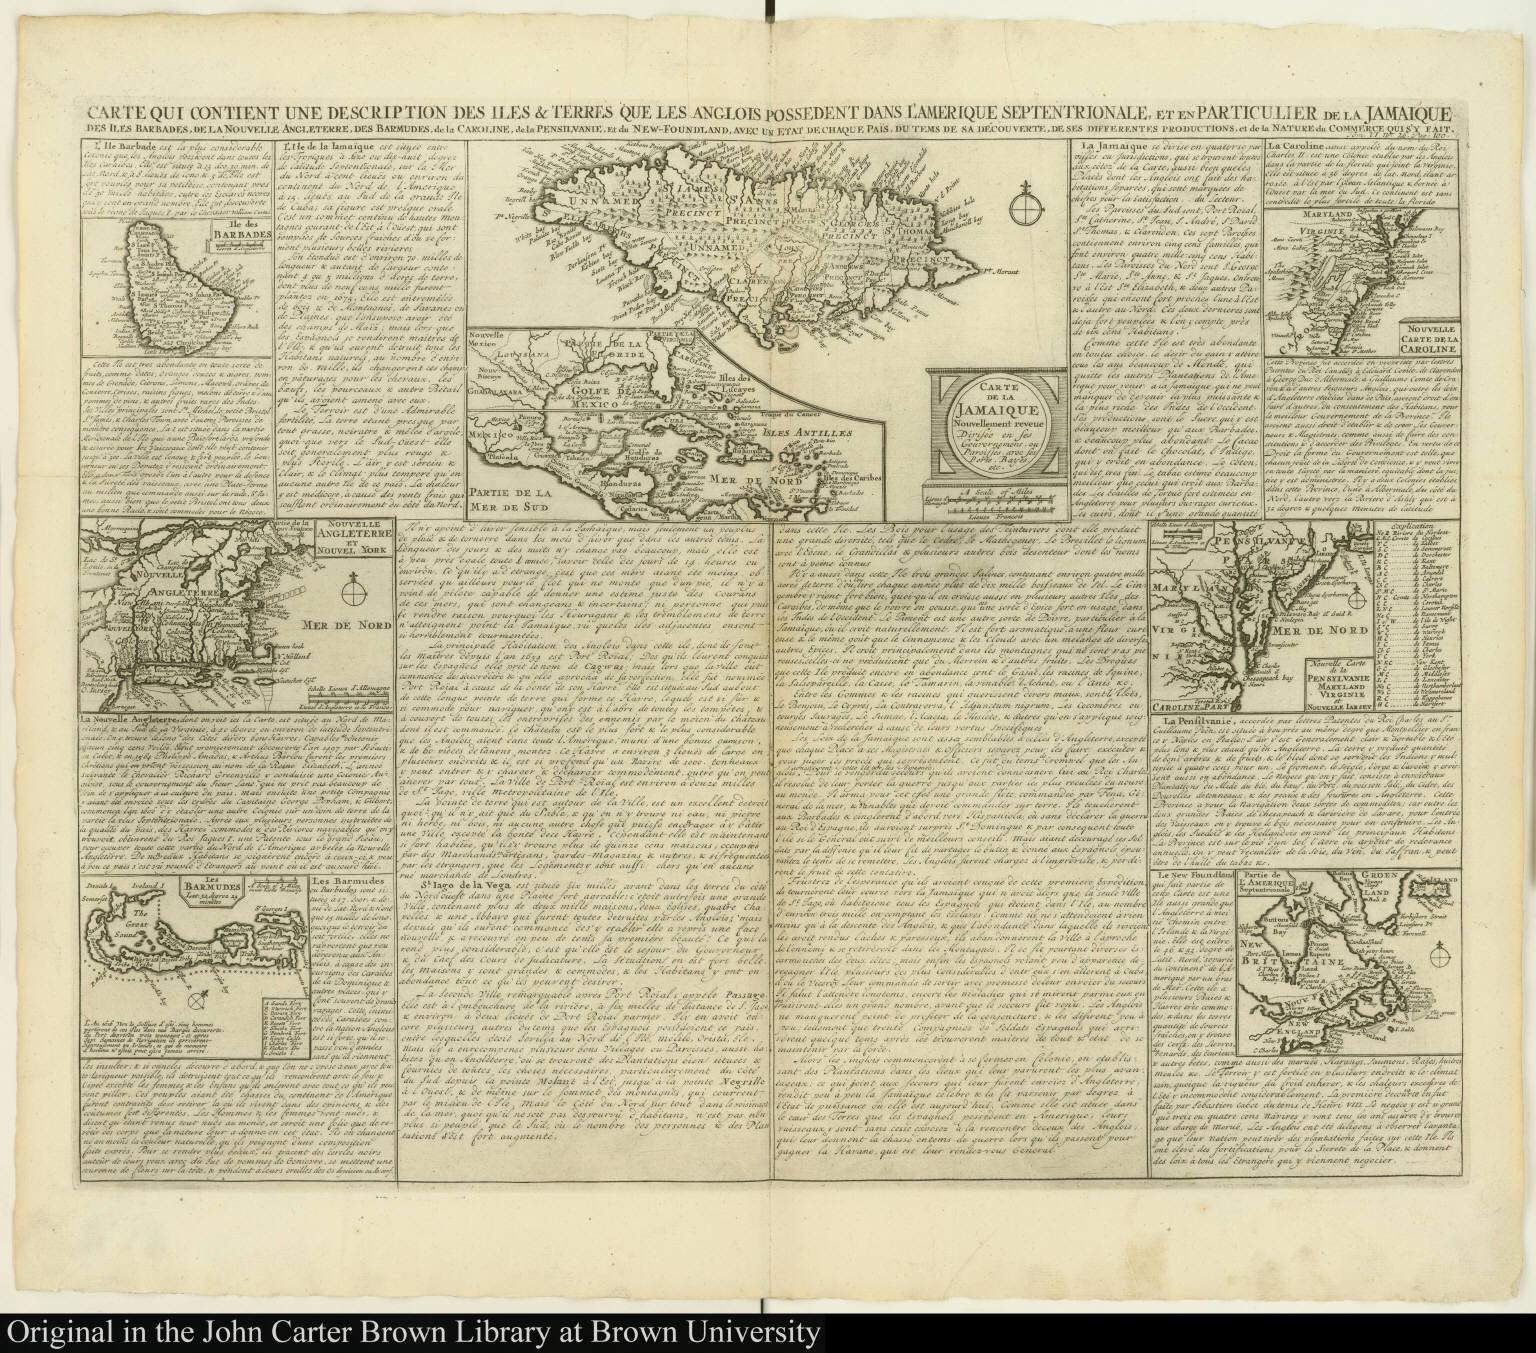 Carte qui contient une description des iles & terres que les anglois possedent dans l'Amerique septentrionale, et en particulier de la Jamaique ...